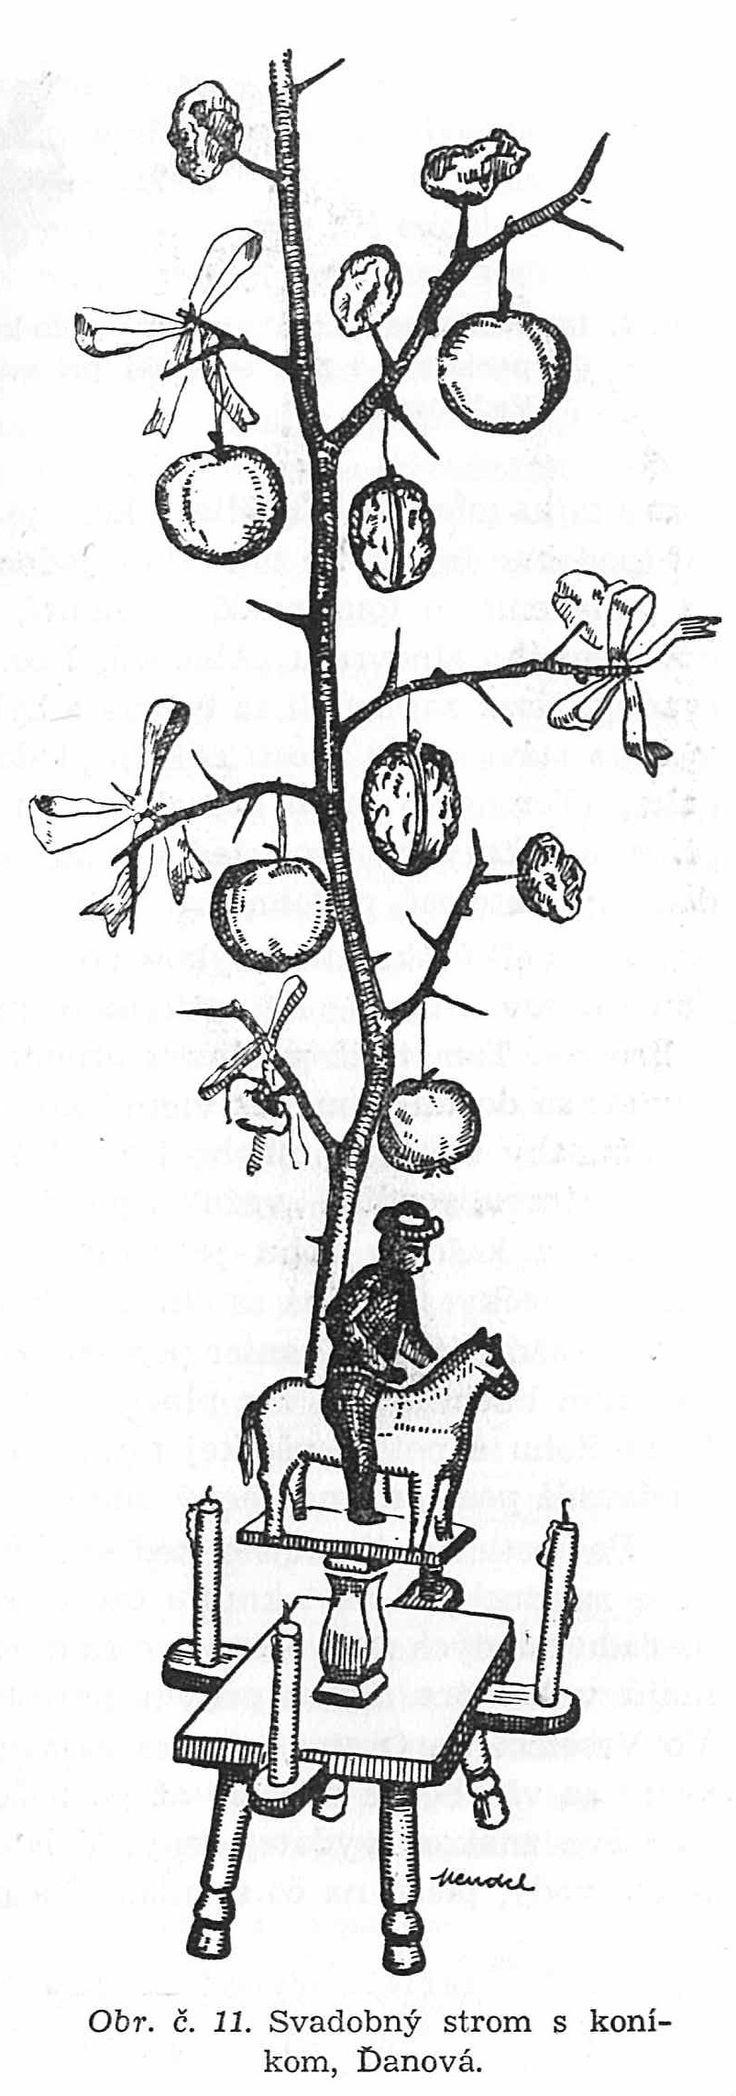 Stromčeky. V minulosti boli obradné obetné stromy nie len čtrou vianoc, ale akejkoľvek inej slávnosti, väčšinou však nie v podobe zoťatého stromu, ale len ratolesti ozdobených halúzok obvešaných bohatstvom plodov. Zotínanie kmeňov stromov je už novodobá úpadková podoba, pôdovne boli odrezané halúzky zrejme obradne od posvätného stromu vyprosené za účelom prenesenia sily božského stromu do domu.